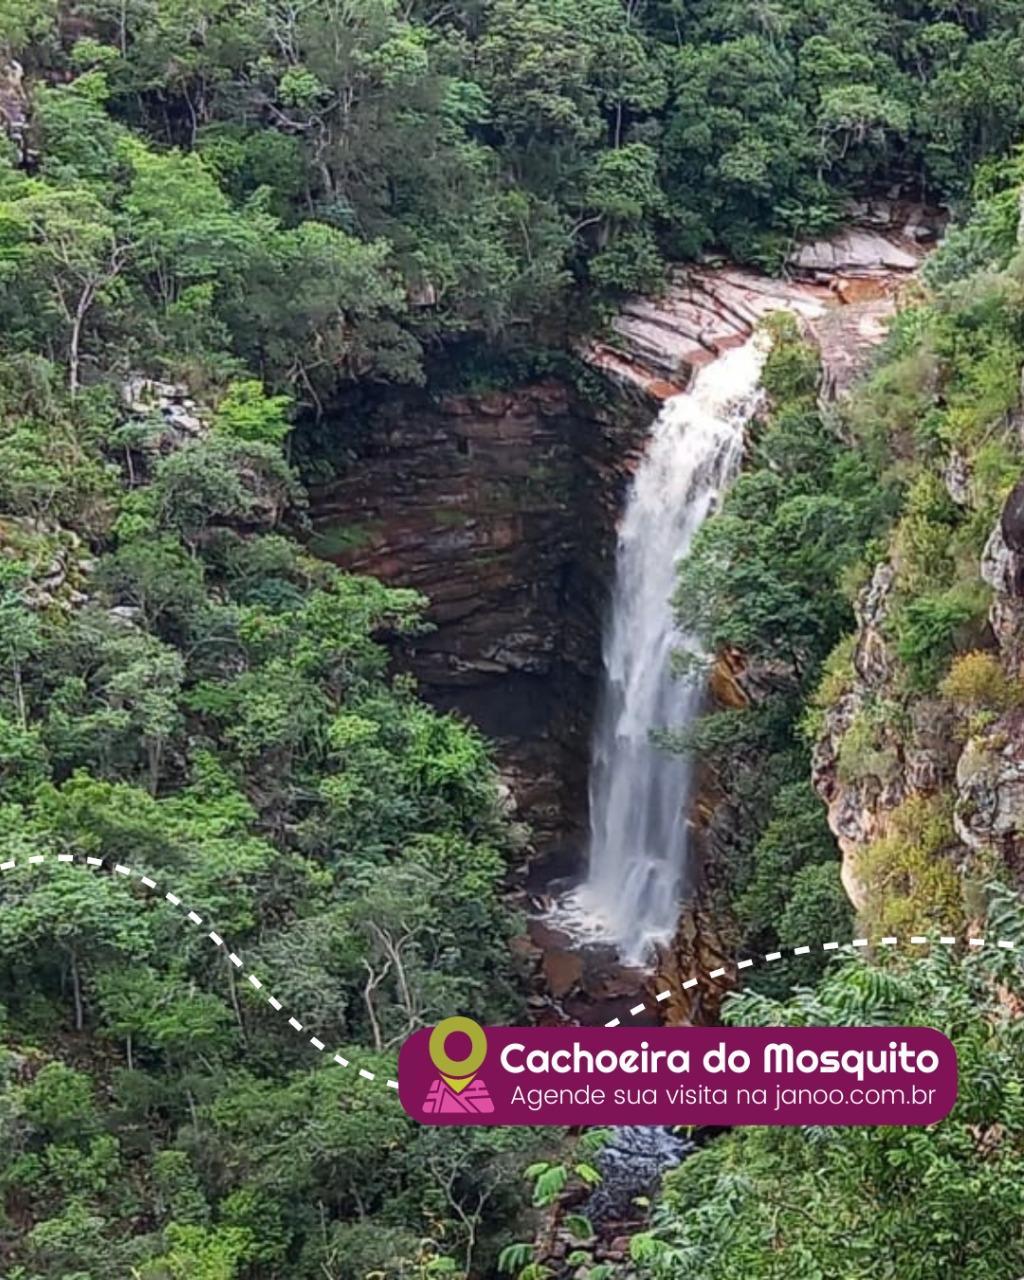 Cachoeira do Mosquito, em Lençóis, oferece agendamento online para visitantes